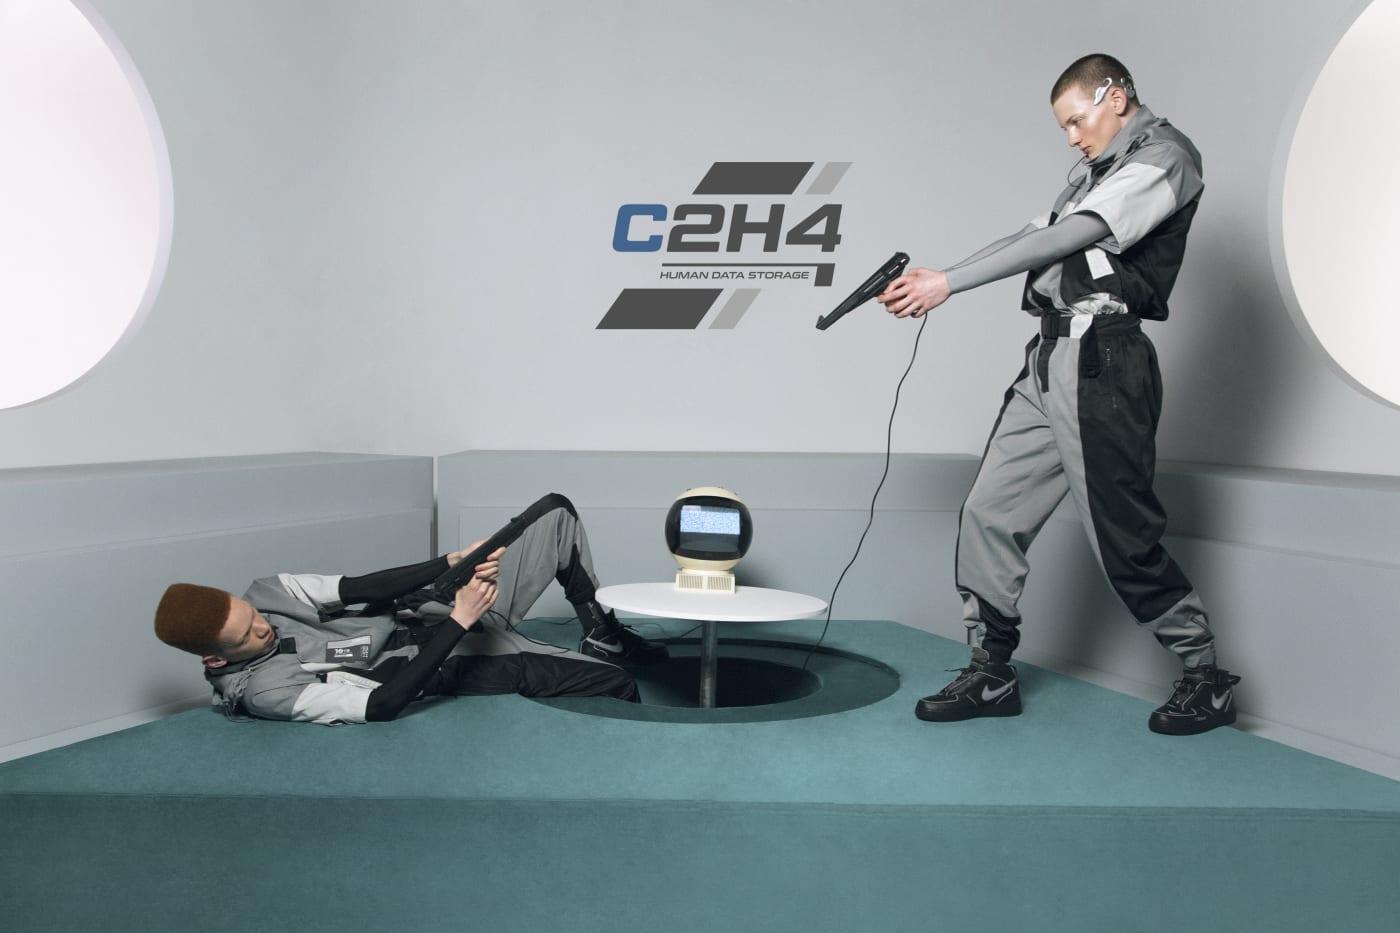 c2h4 2030 3